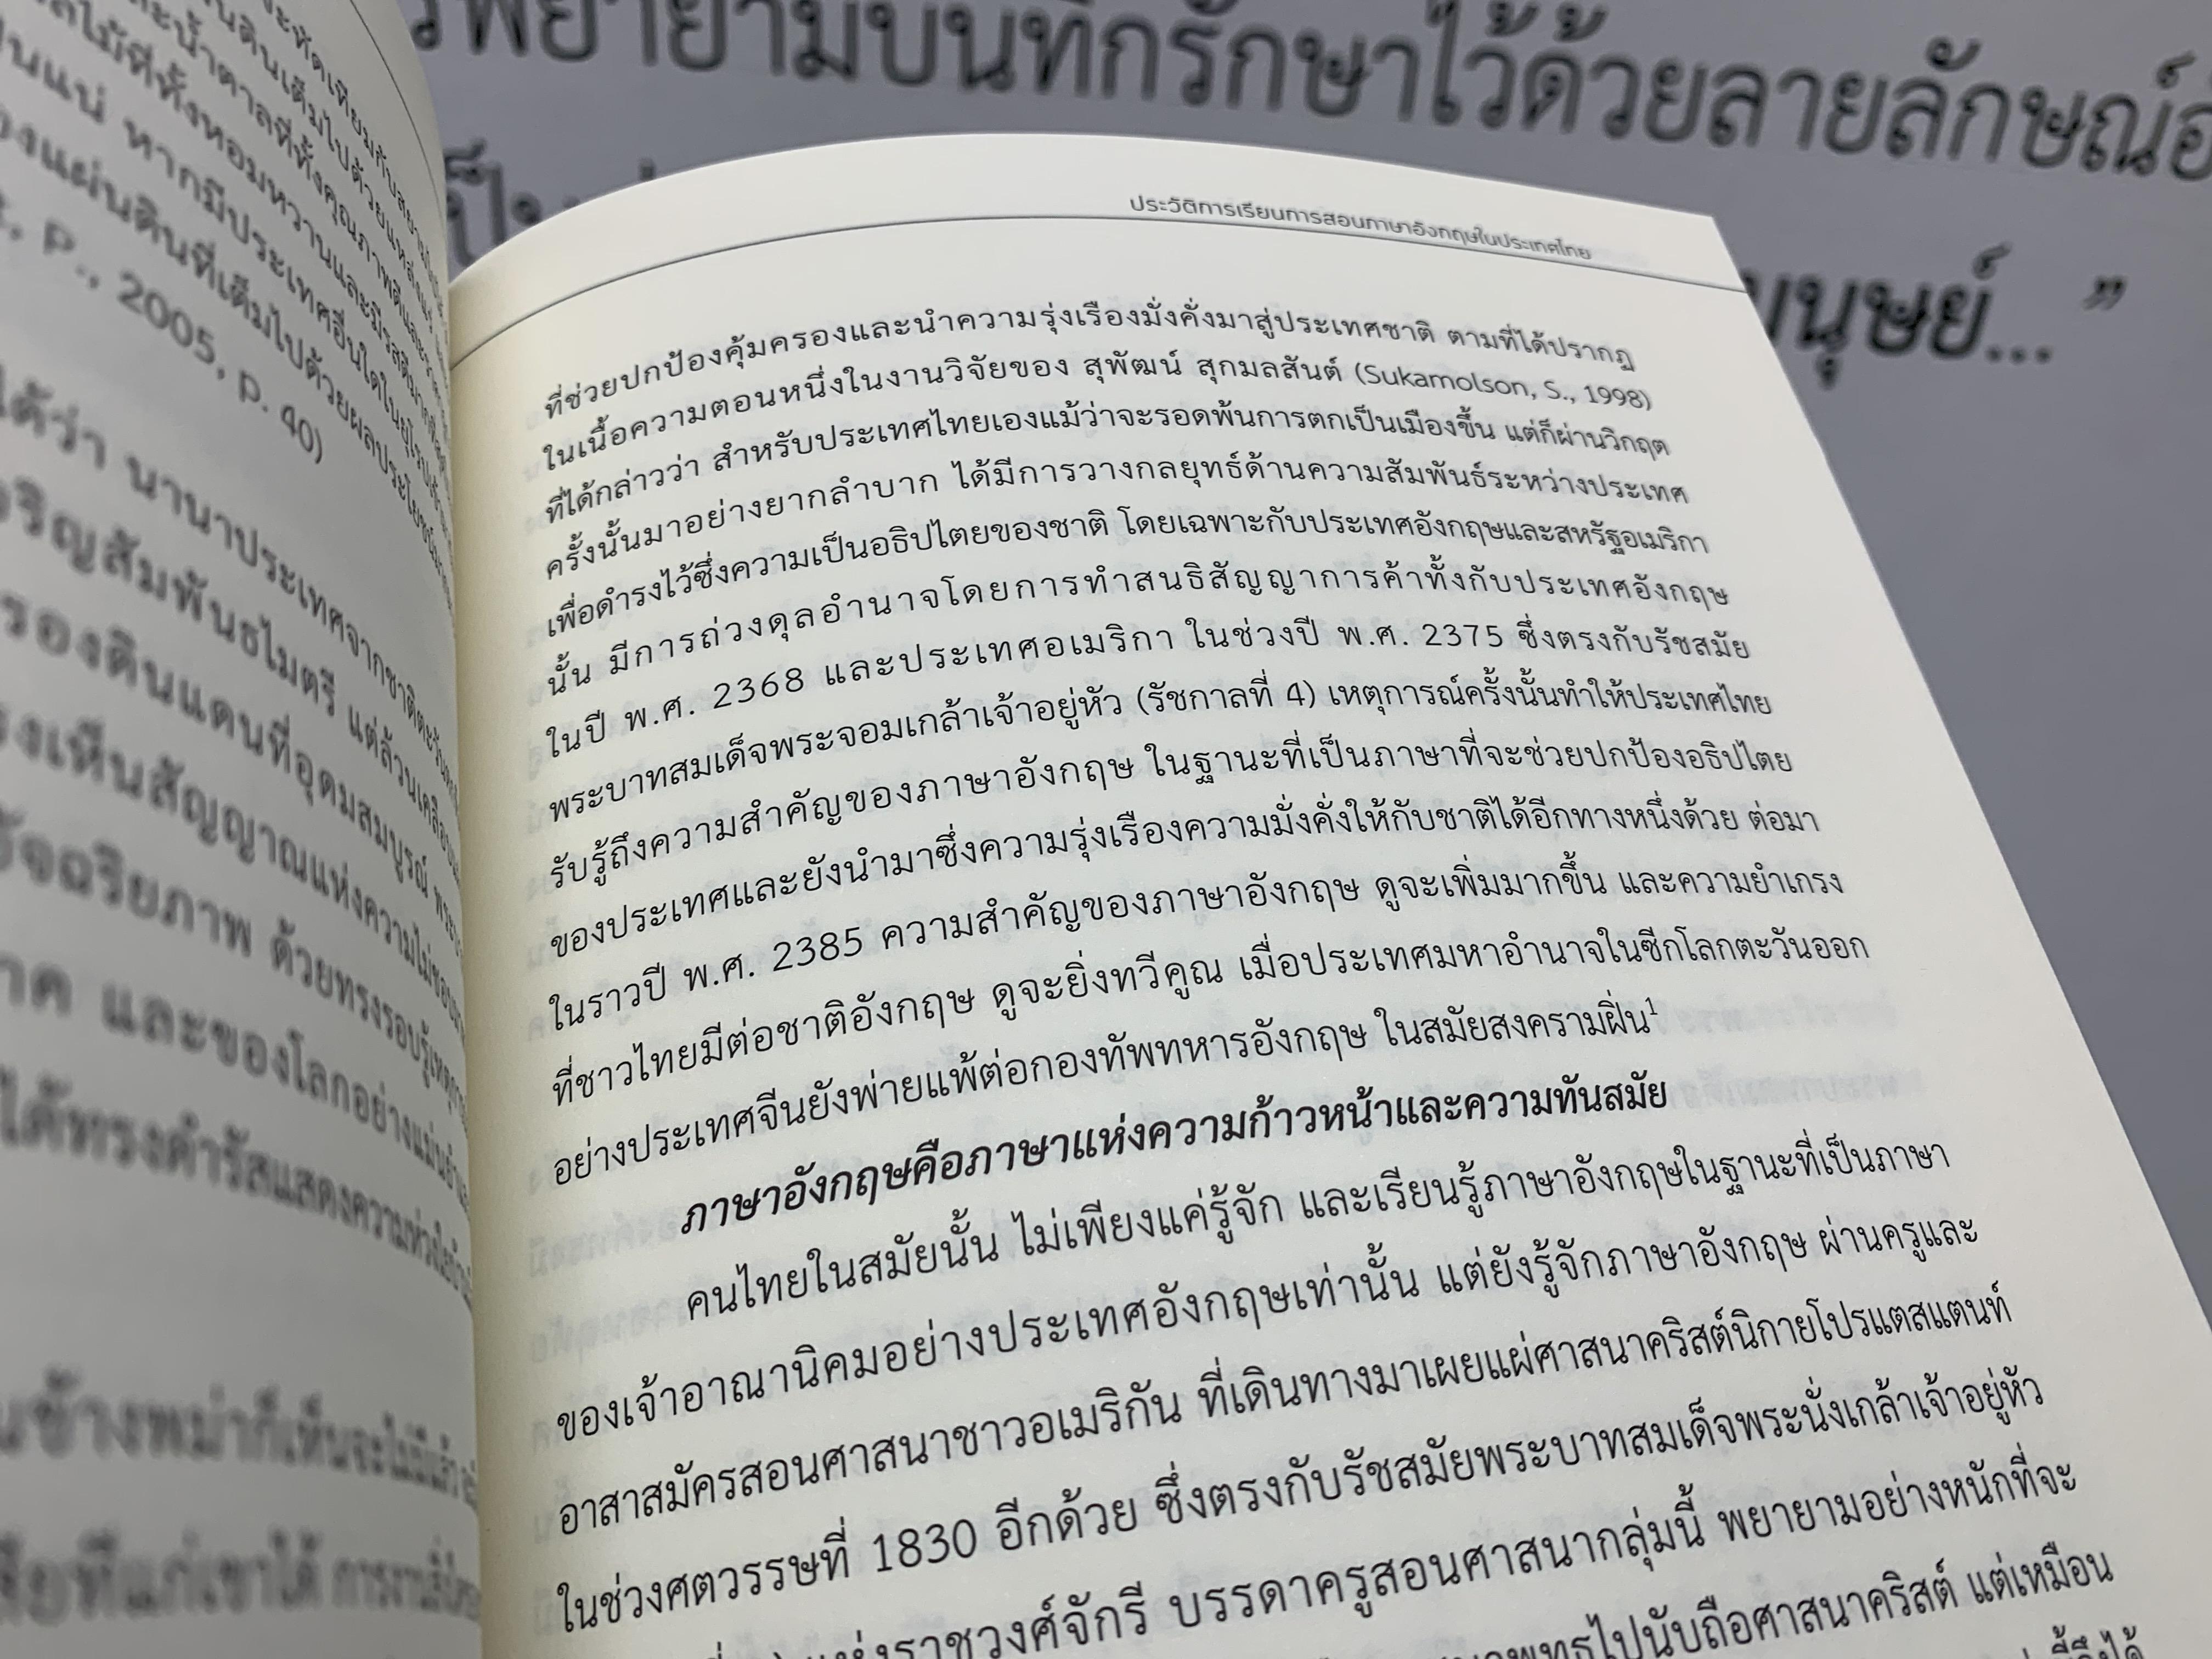 อิทธิพลของภาษาต่างประเทศ-07